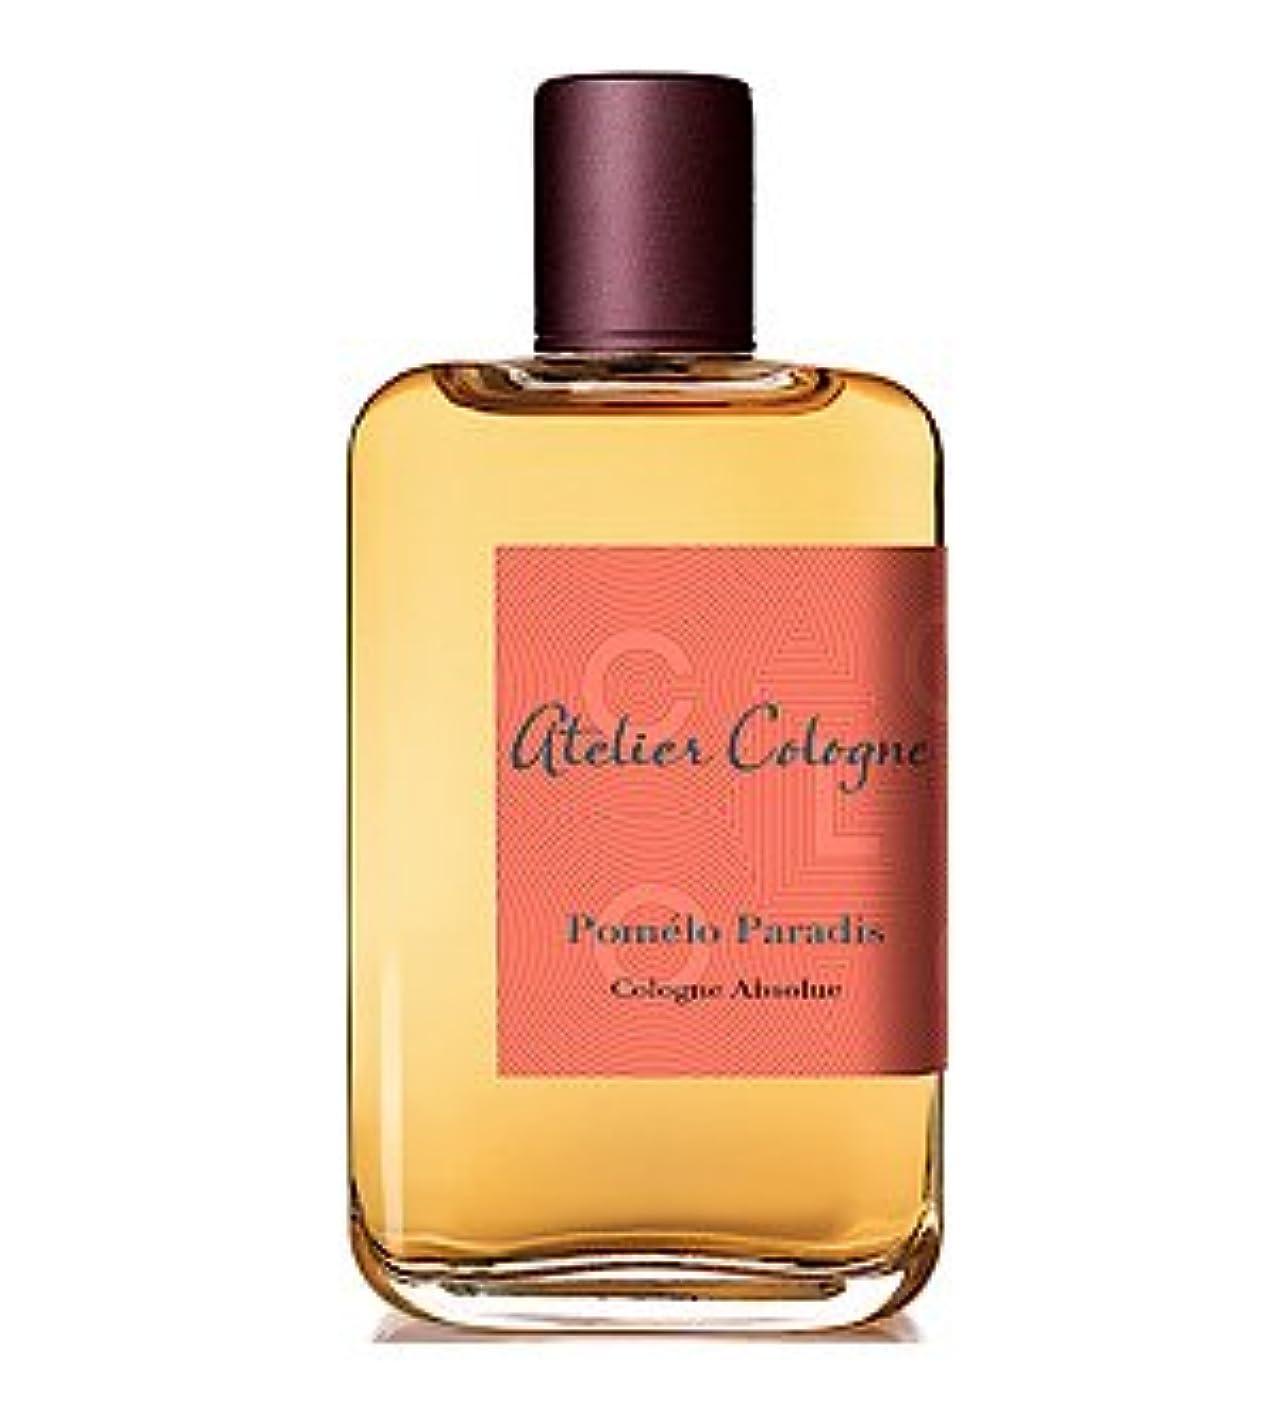 奪うそれに応じてトラップAtelier Cologne Pomelo Paradis (アトリエ コロン ポメロ パラディス) 6.7 oz (200ml) Cologne Absolue